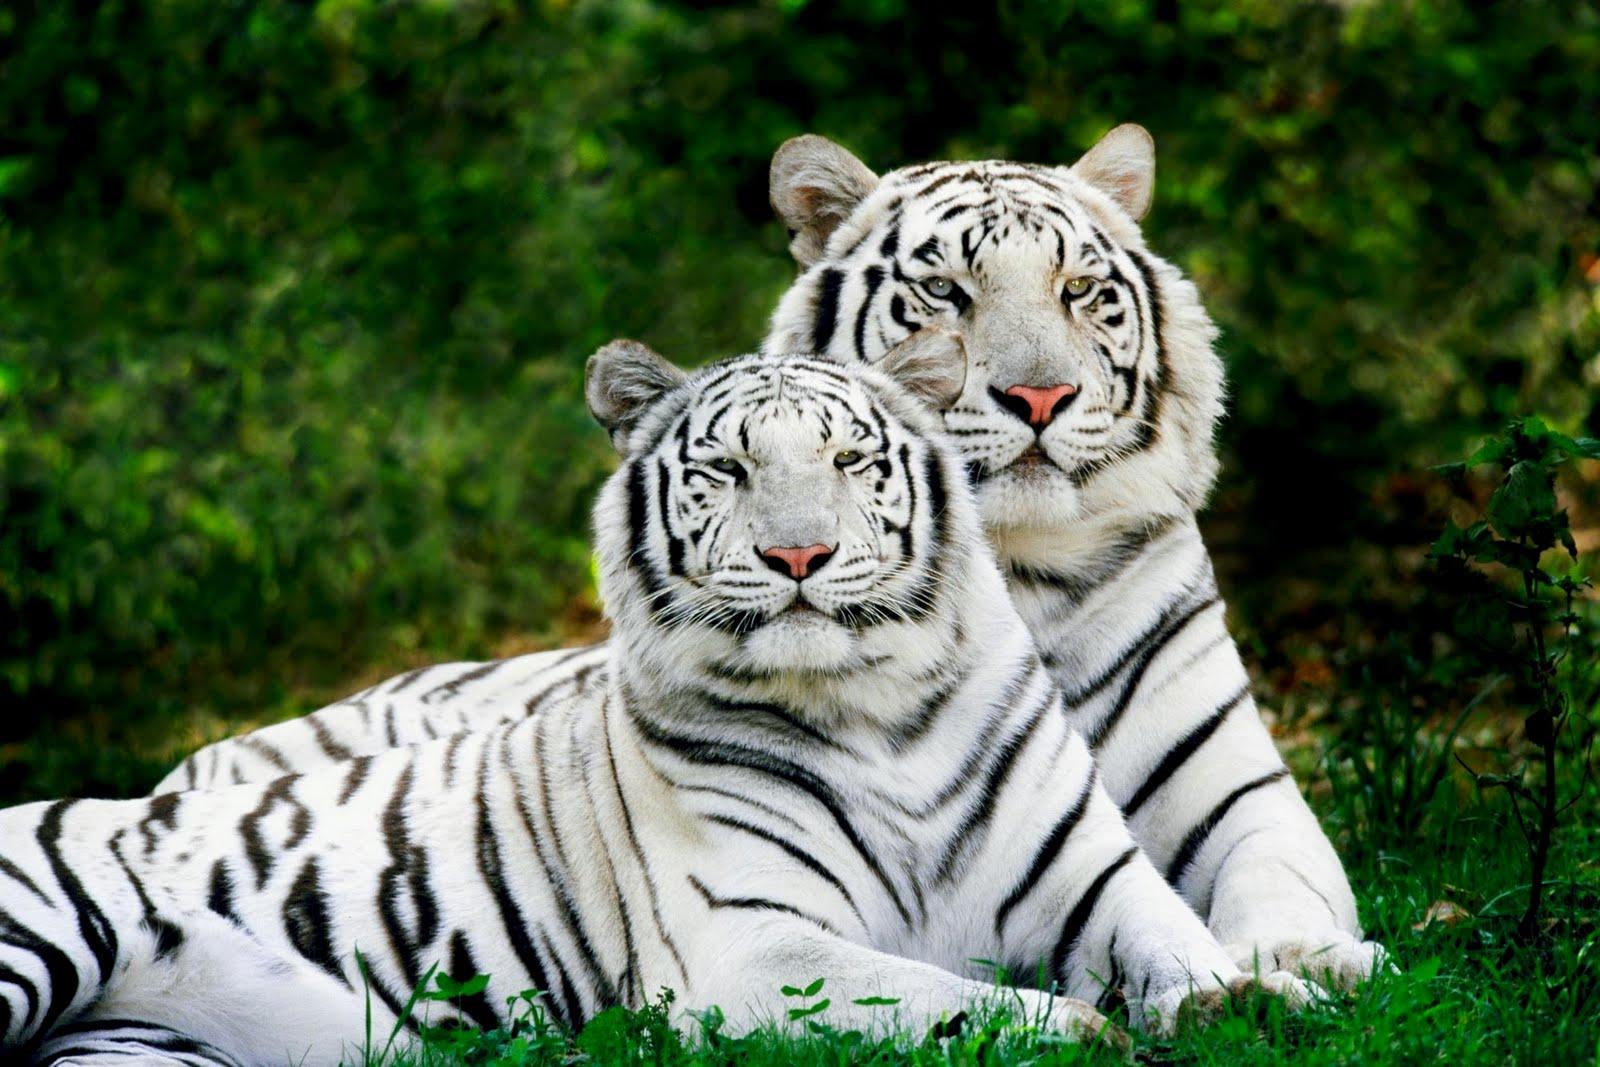 http://4.bp.blogspot.com/_Zw41kxI2akg/SxTYUESFL0I/AAAAAAAAAY4/29Jxa4nyyi8/s1600/White+Tigers.jpg